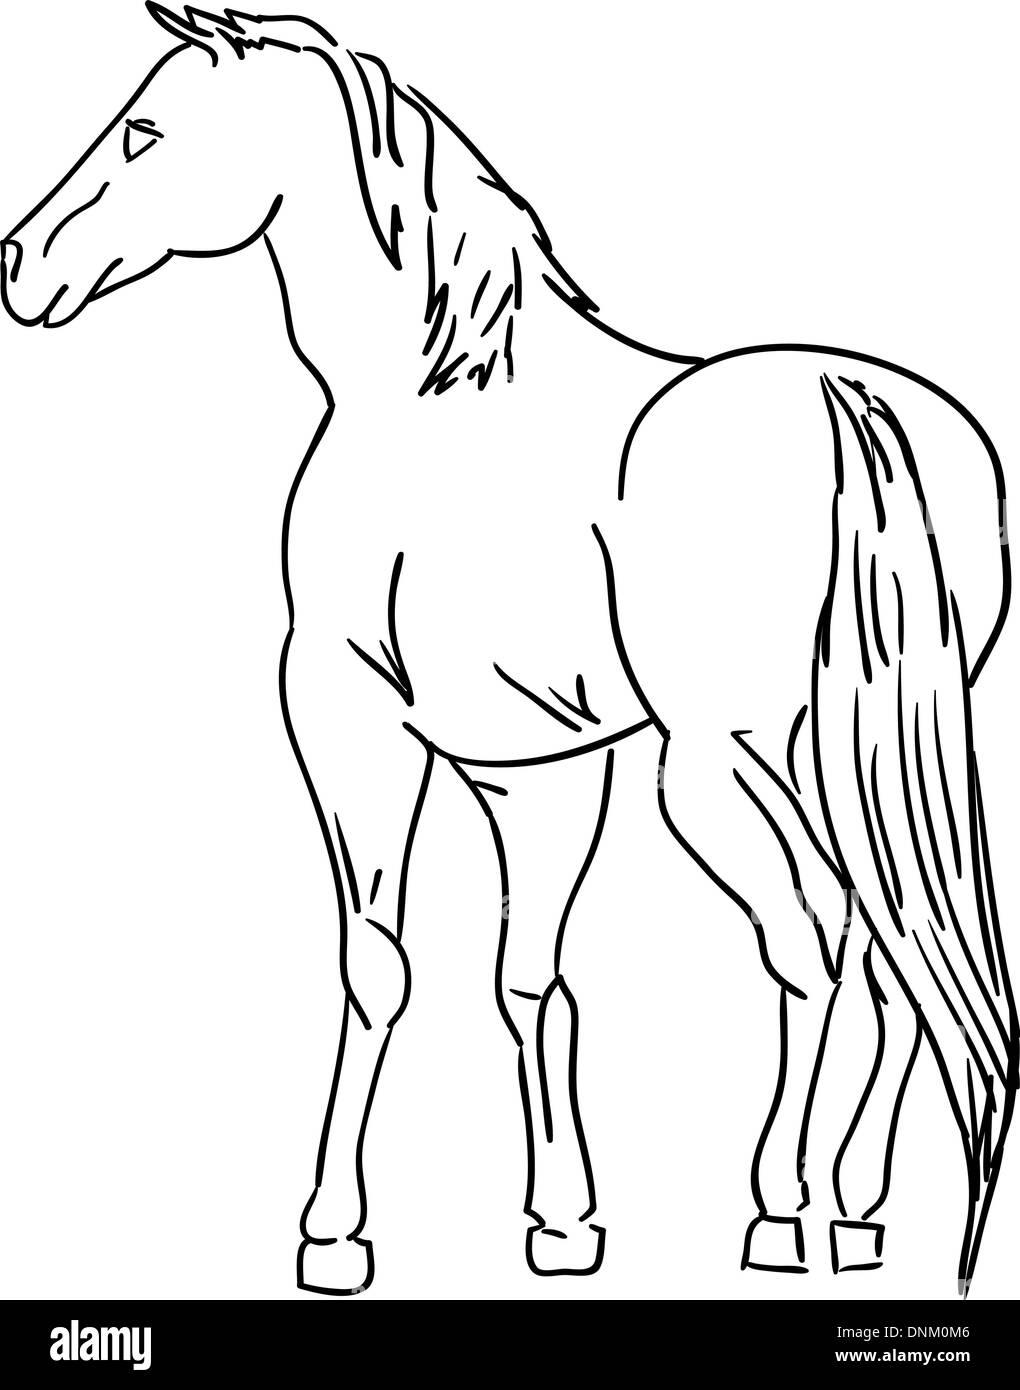 Versión vectorial. Caballo negro silueta aislado en blanco para el diseño. Imagen De Stock